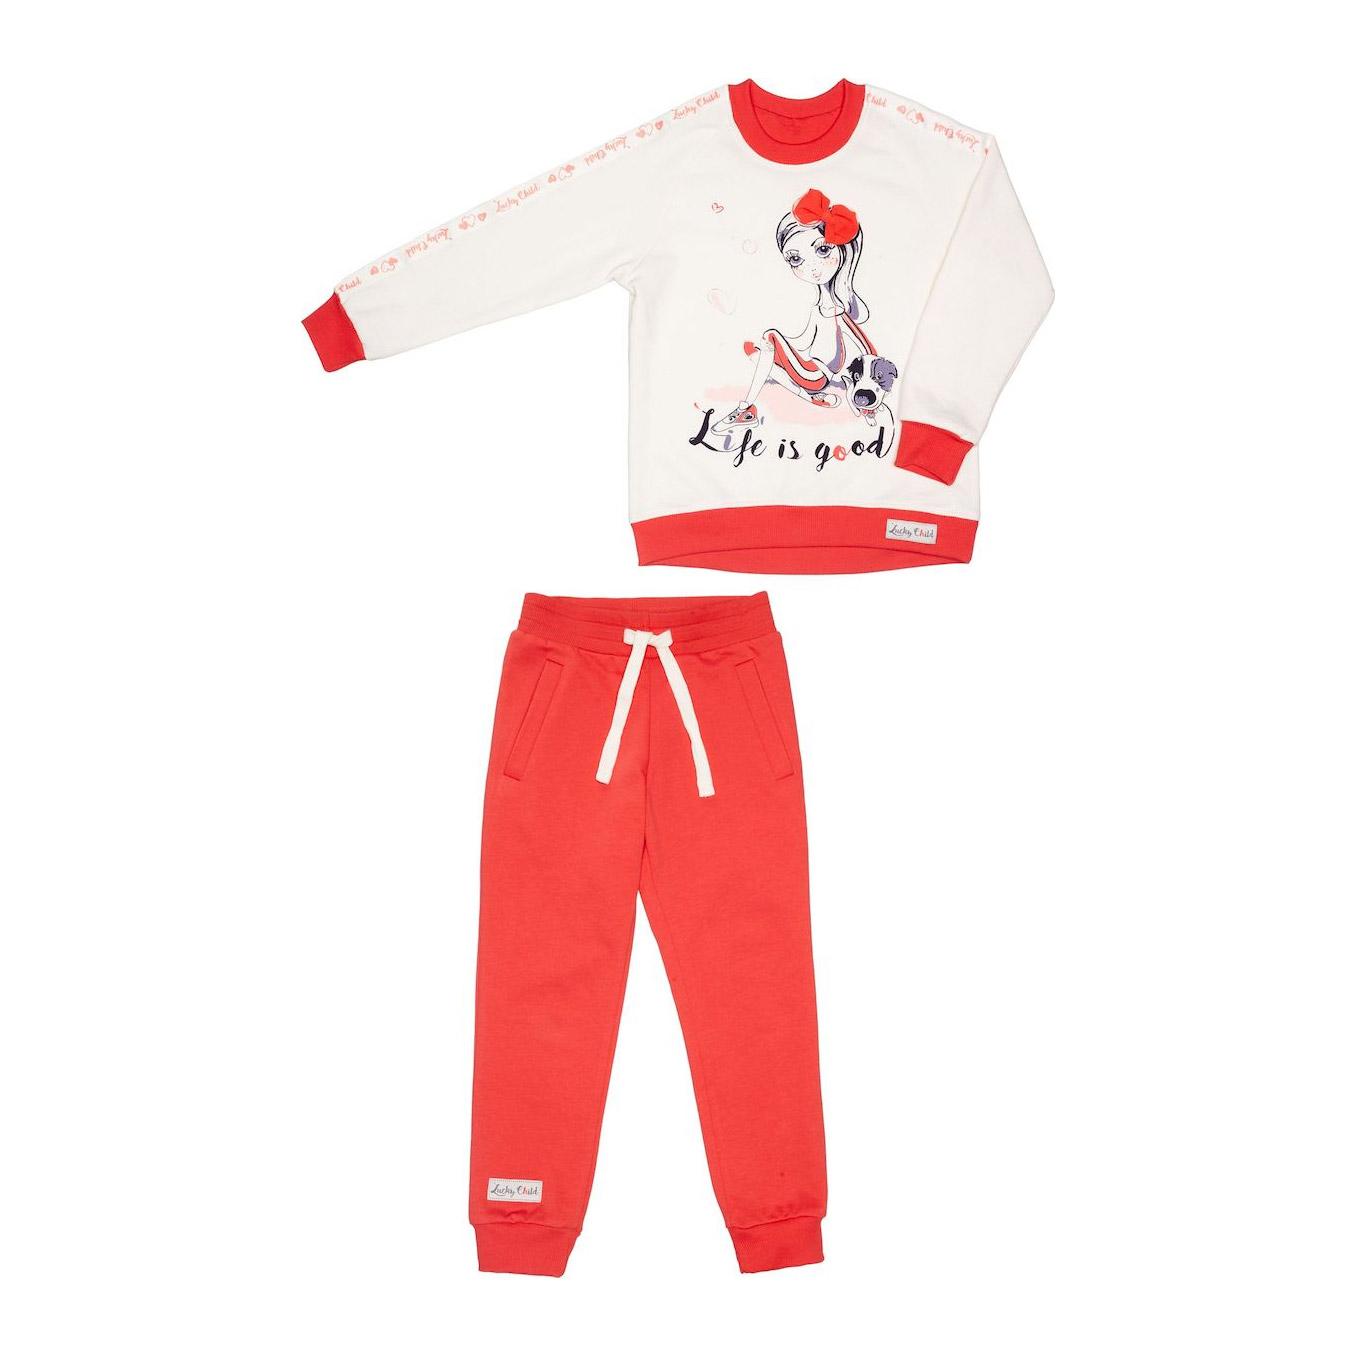 Фото - Спортивный костюм Lucky Child: толстовка и брюки коралл/молочный 92-98 спортивный костюм lucky child sport куртка и брюки 86 92